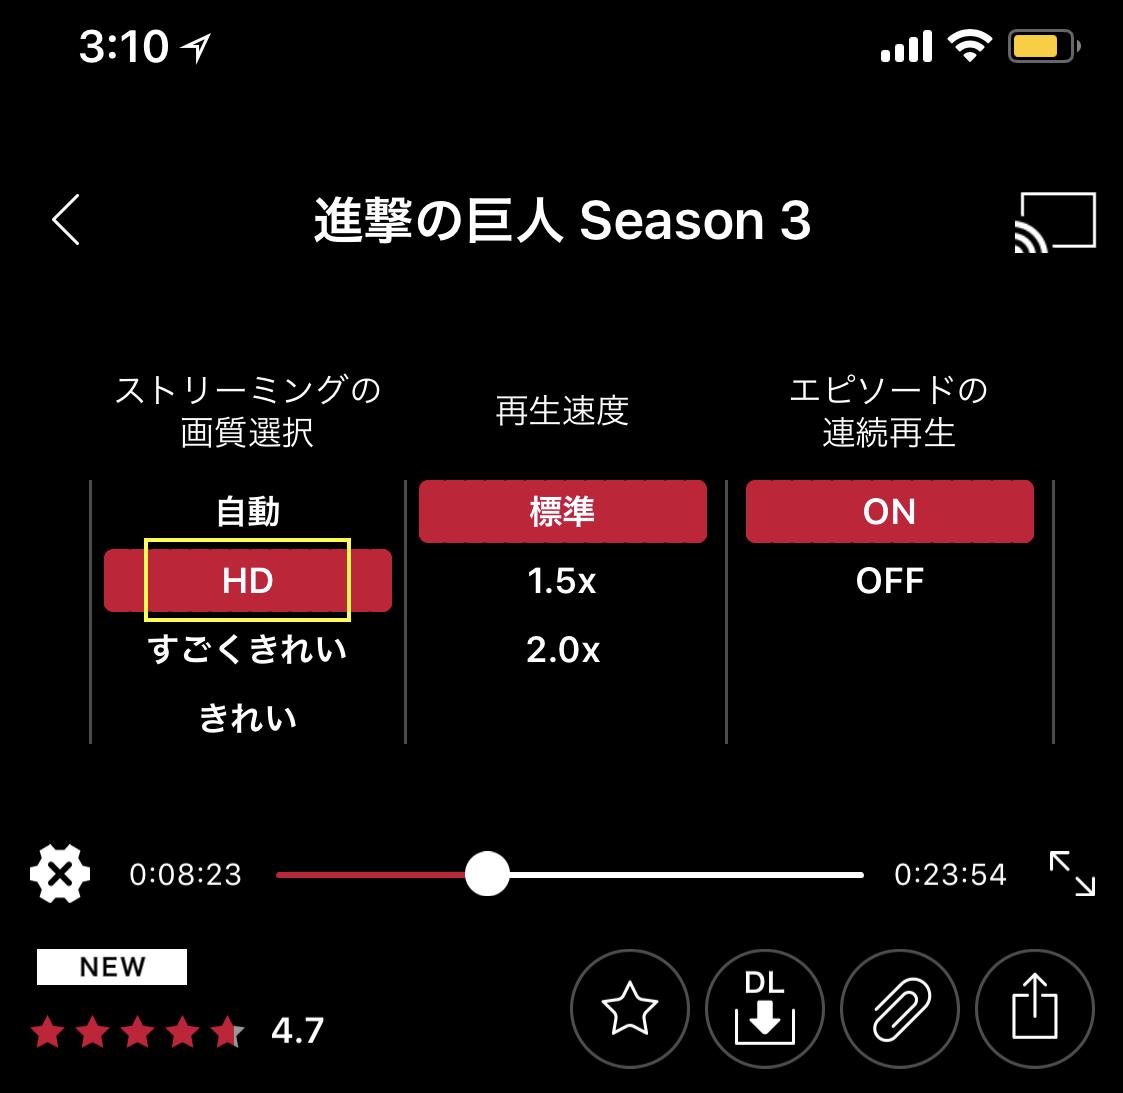 DTVの「HD」での通信量